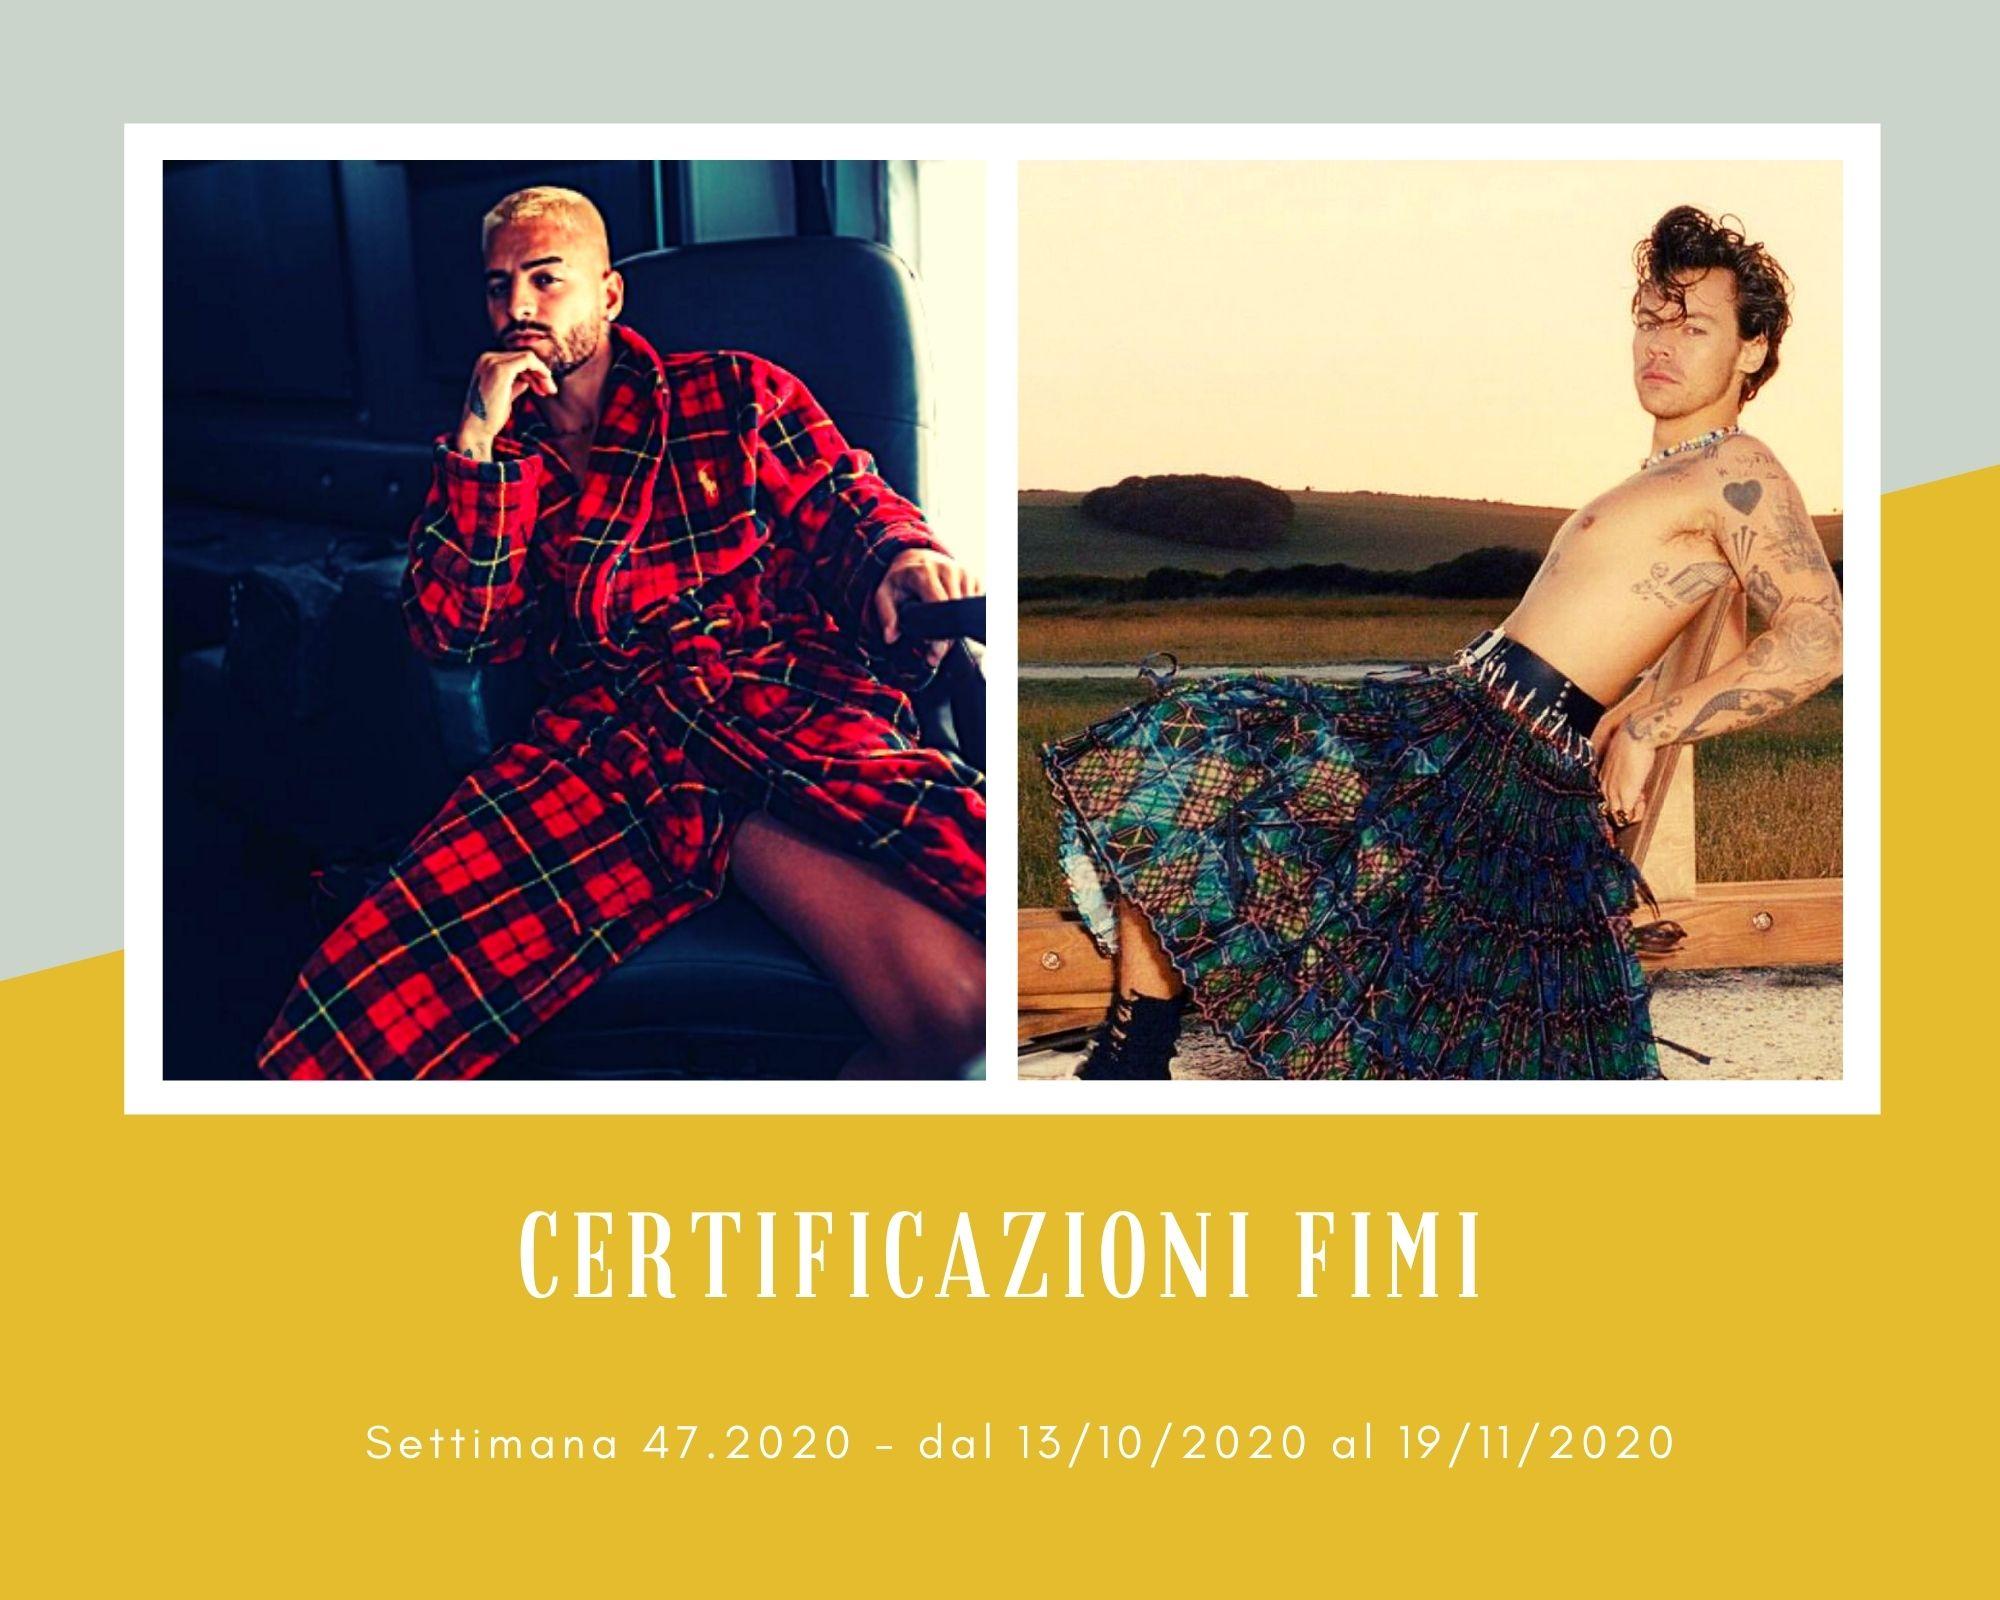 Certificazioni FIMI, week 47. L'Italia pazza di Maluma e Harry Styles, divi del pop contemporaneo